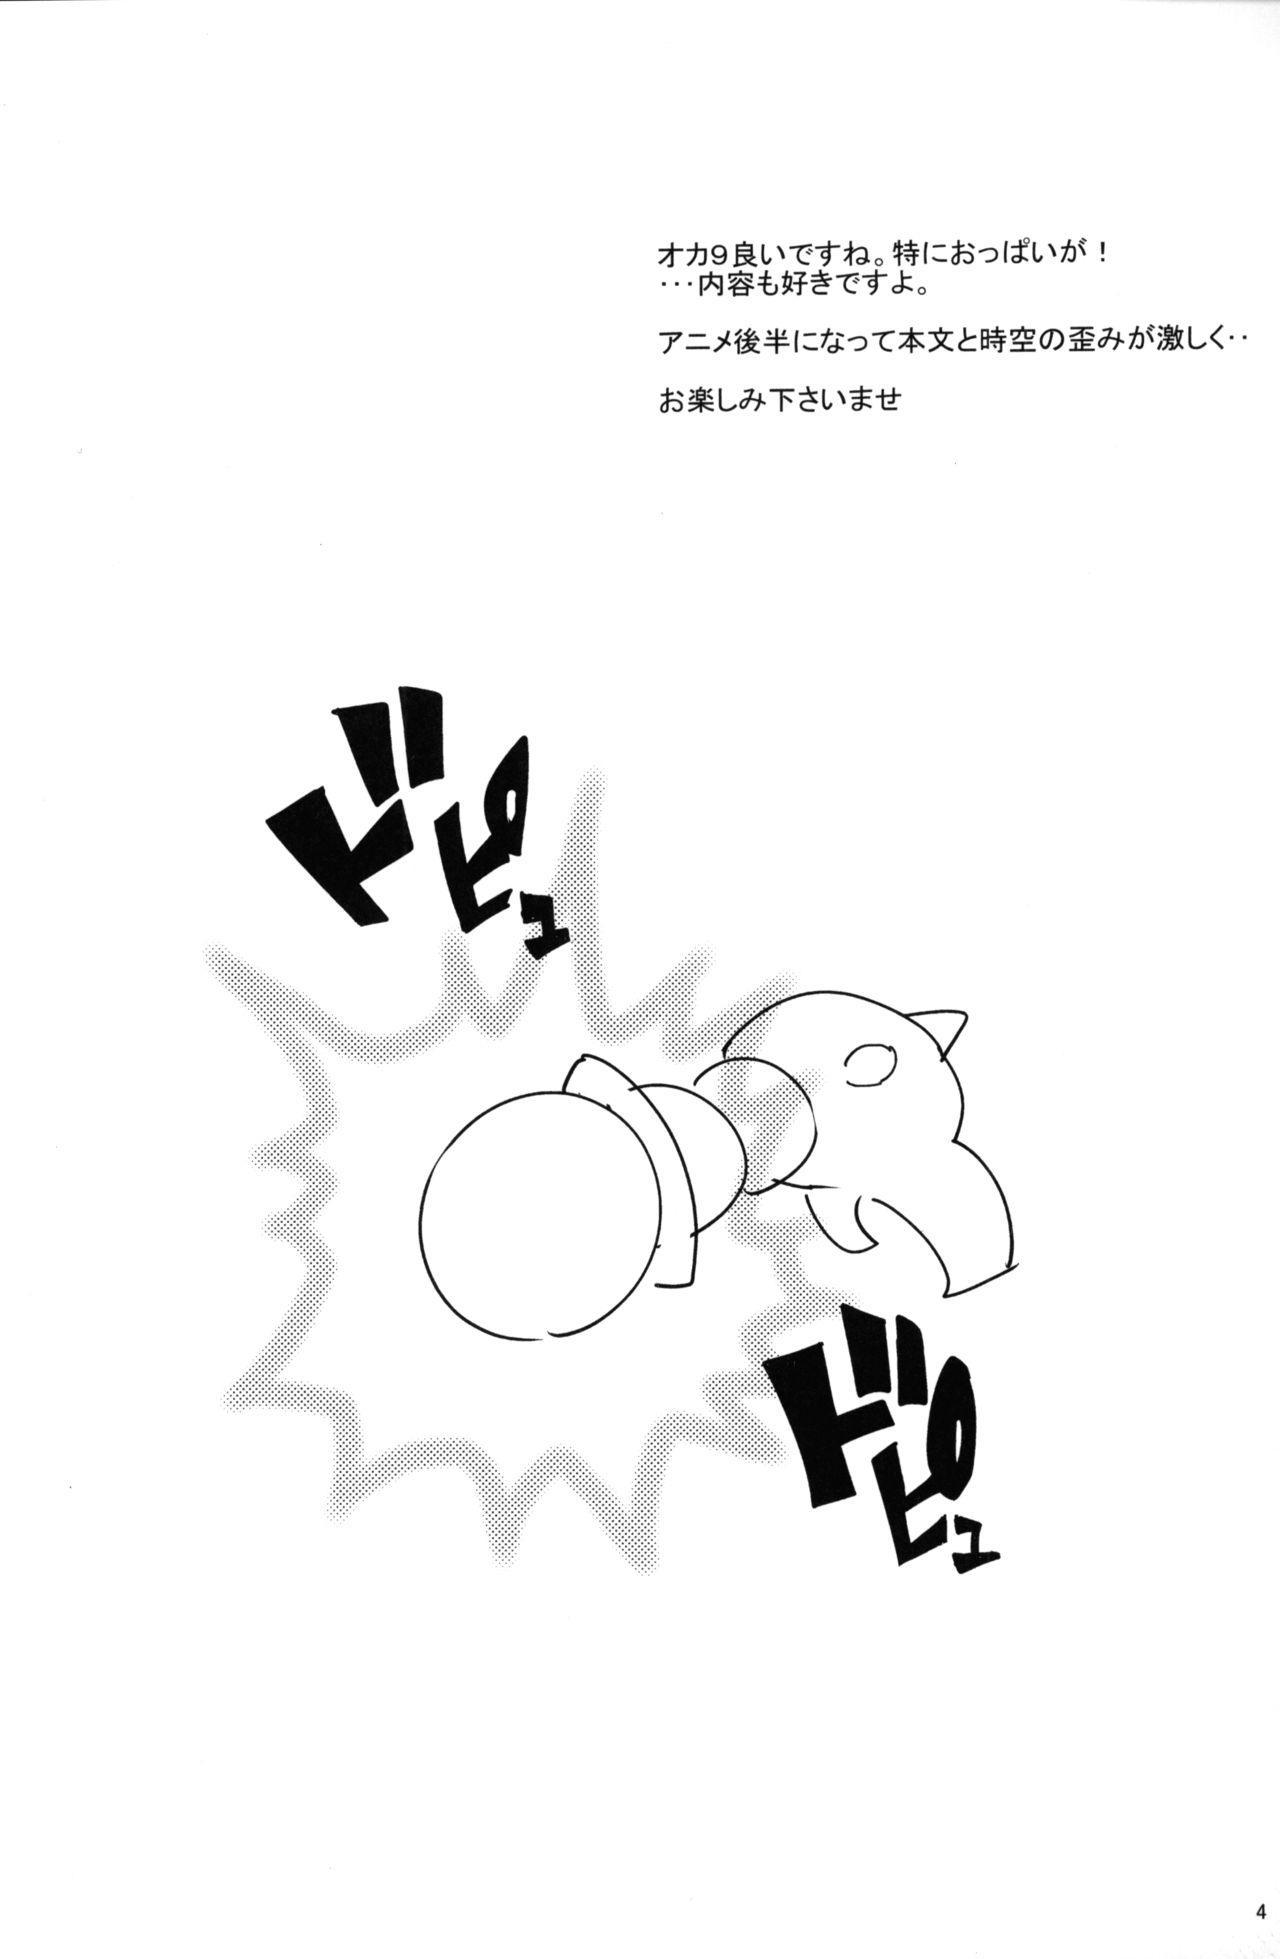 Tonikaku Mune ga Ookina Onnanoko to Tonikaku Shasei ga Hayai Doutei no Toshikoshi SEX Zanmai 2